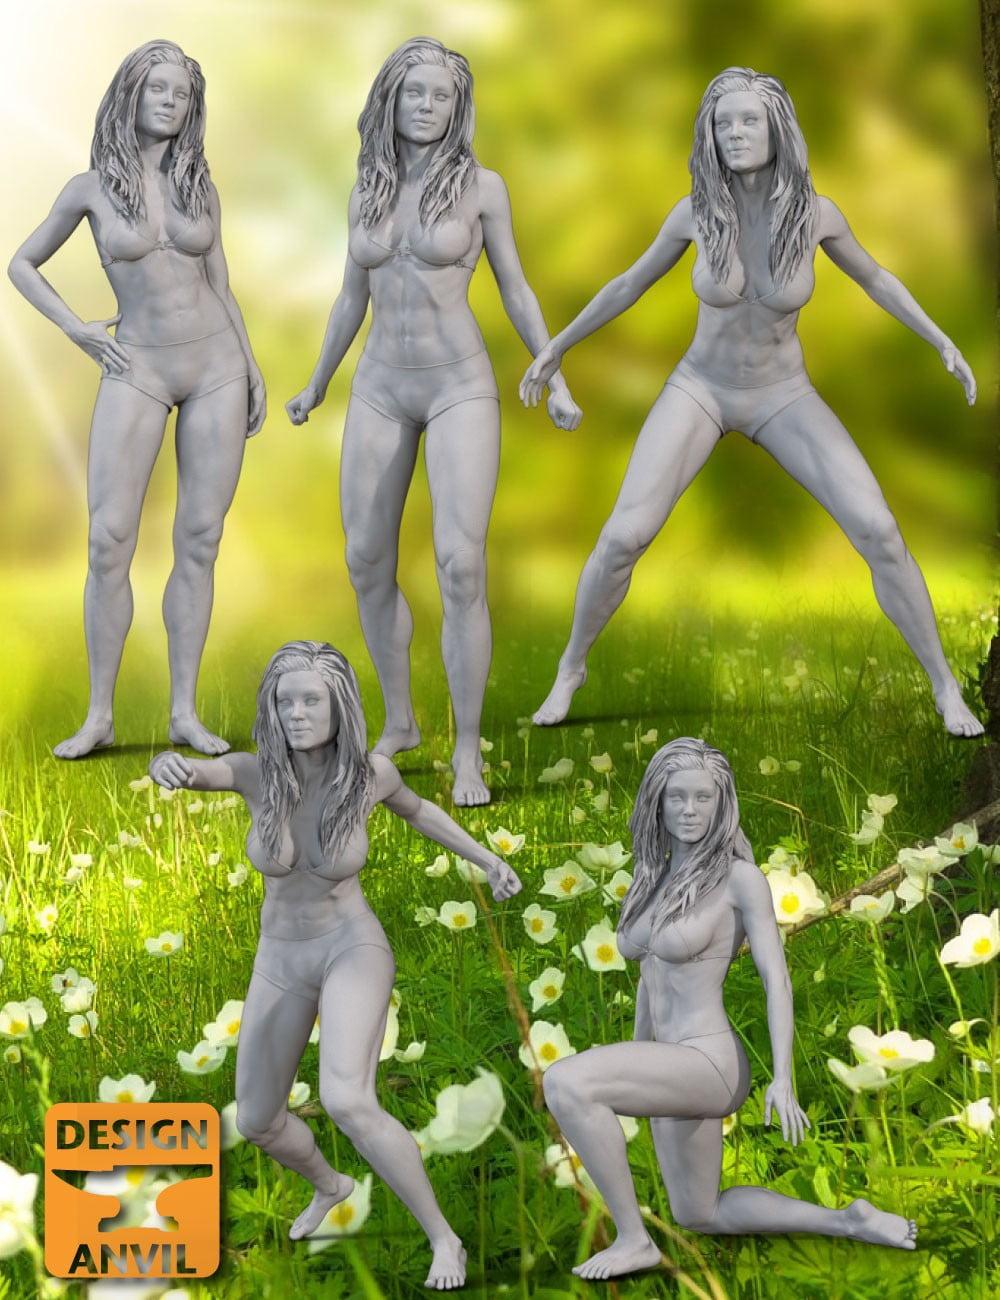 DA Ophelia 7 Classic Poses - poses, daz-poser-carrara